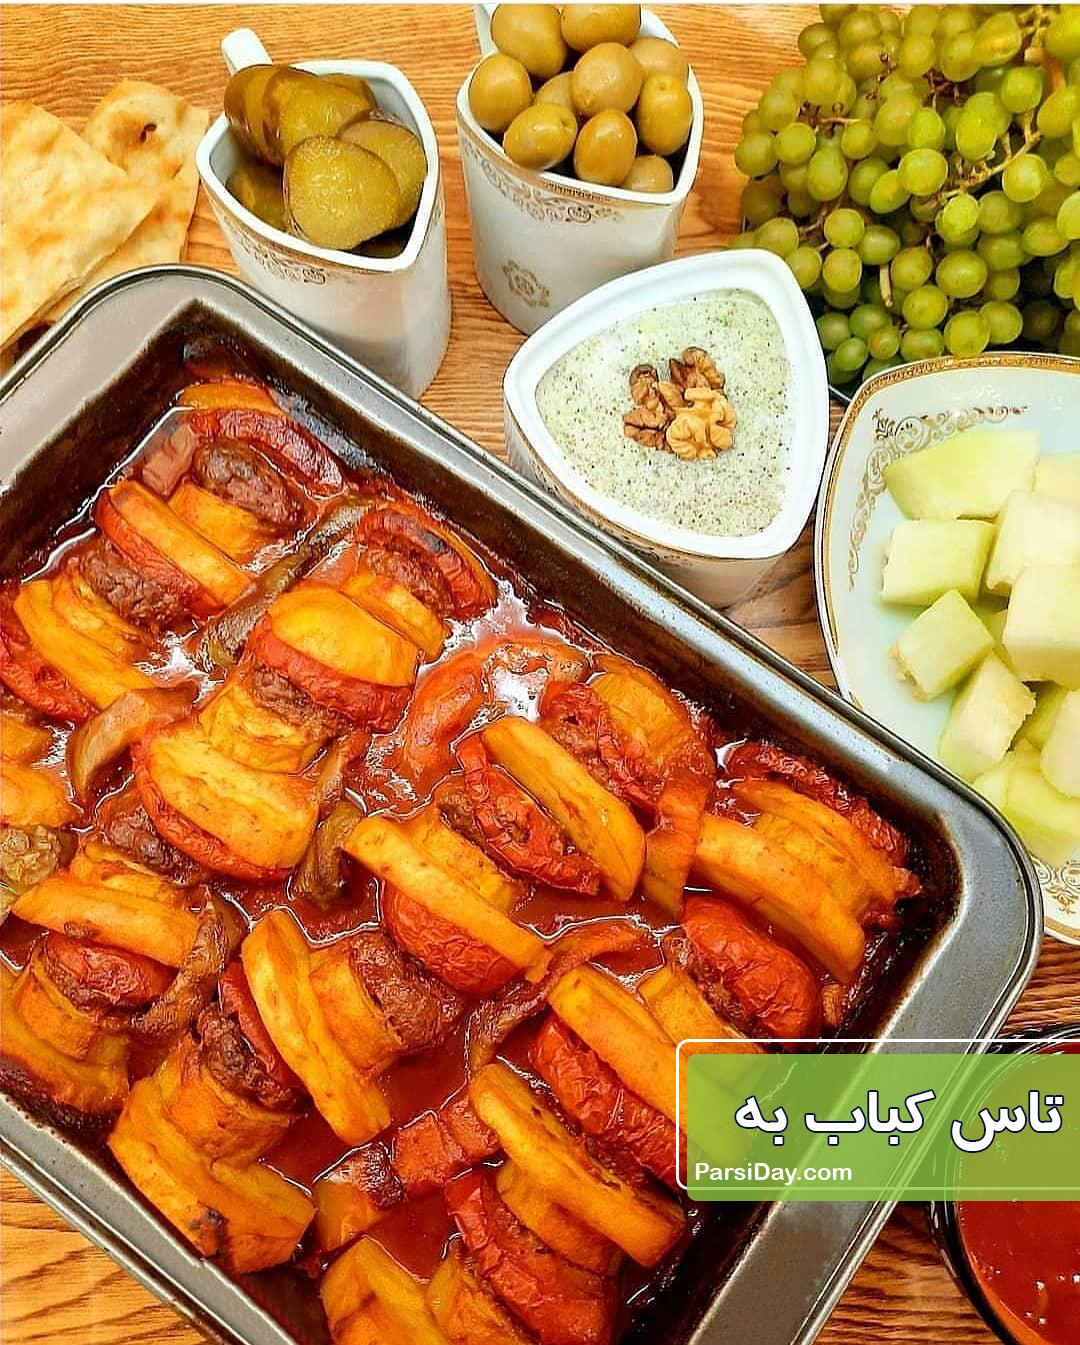 تصویر از طرز تهیه تاس کباب به با گوشت خوشمزه و مجلسی به روش سنتی